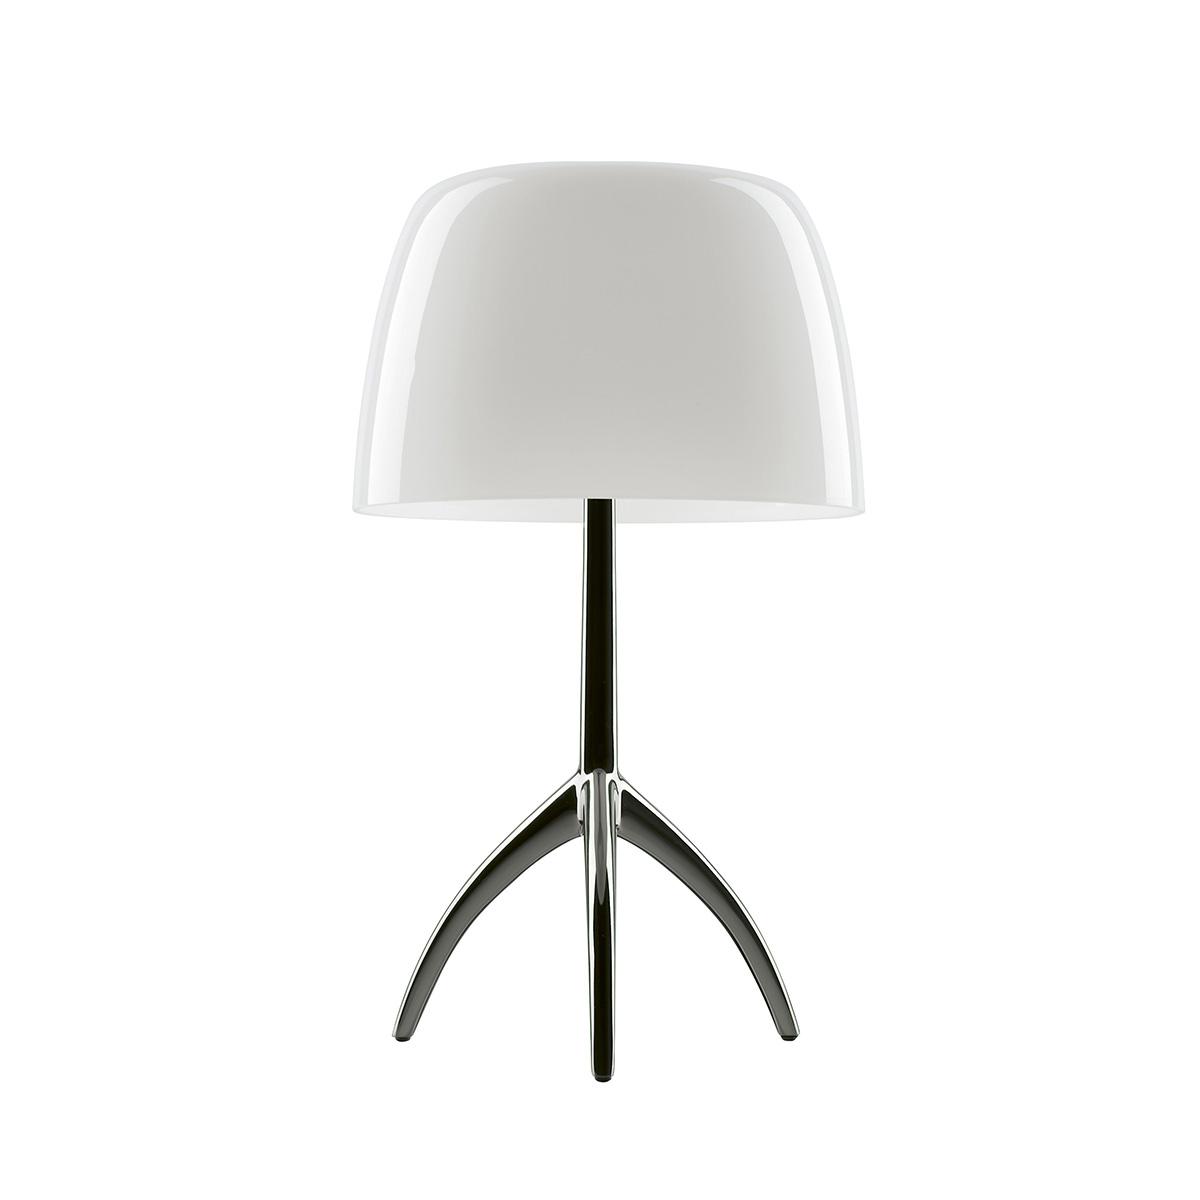 Stona lampa LUMIERE GRANDE - 26001 11